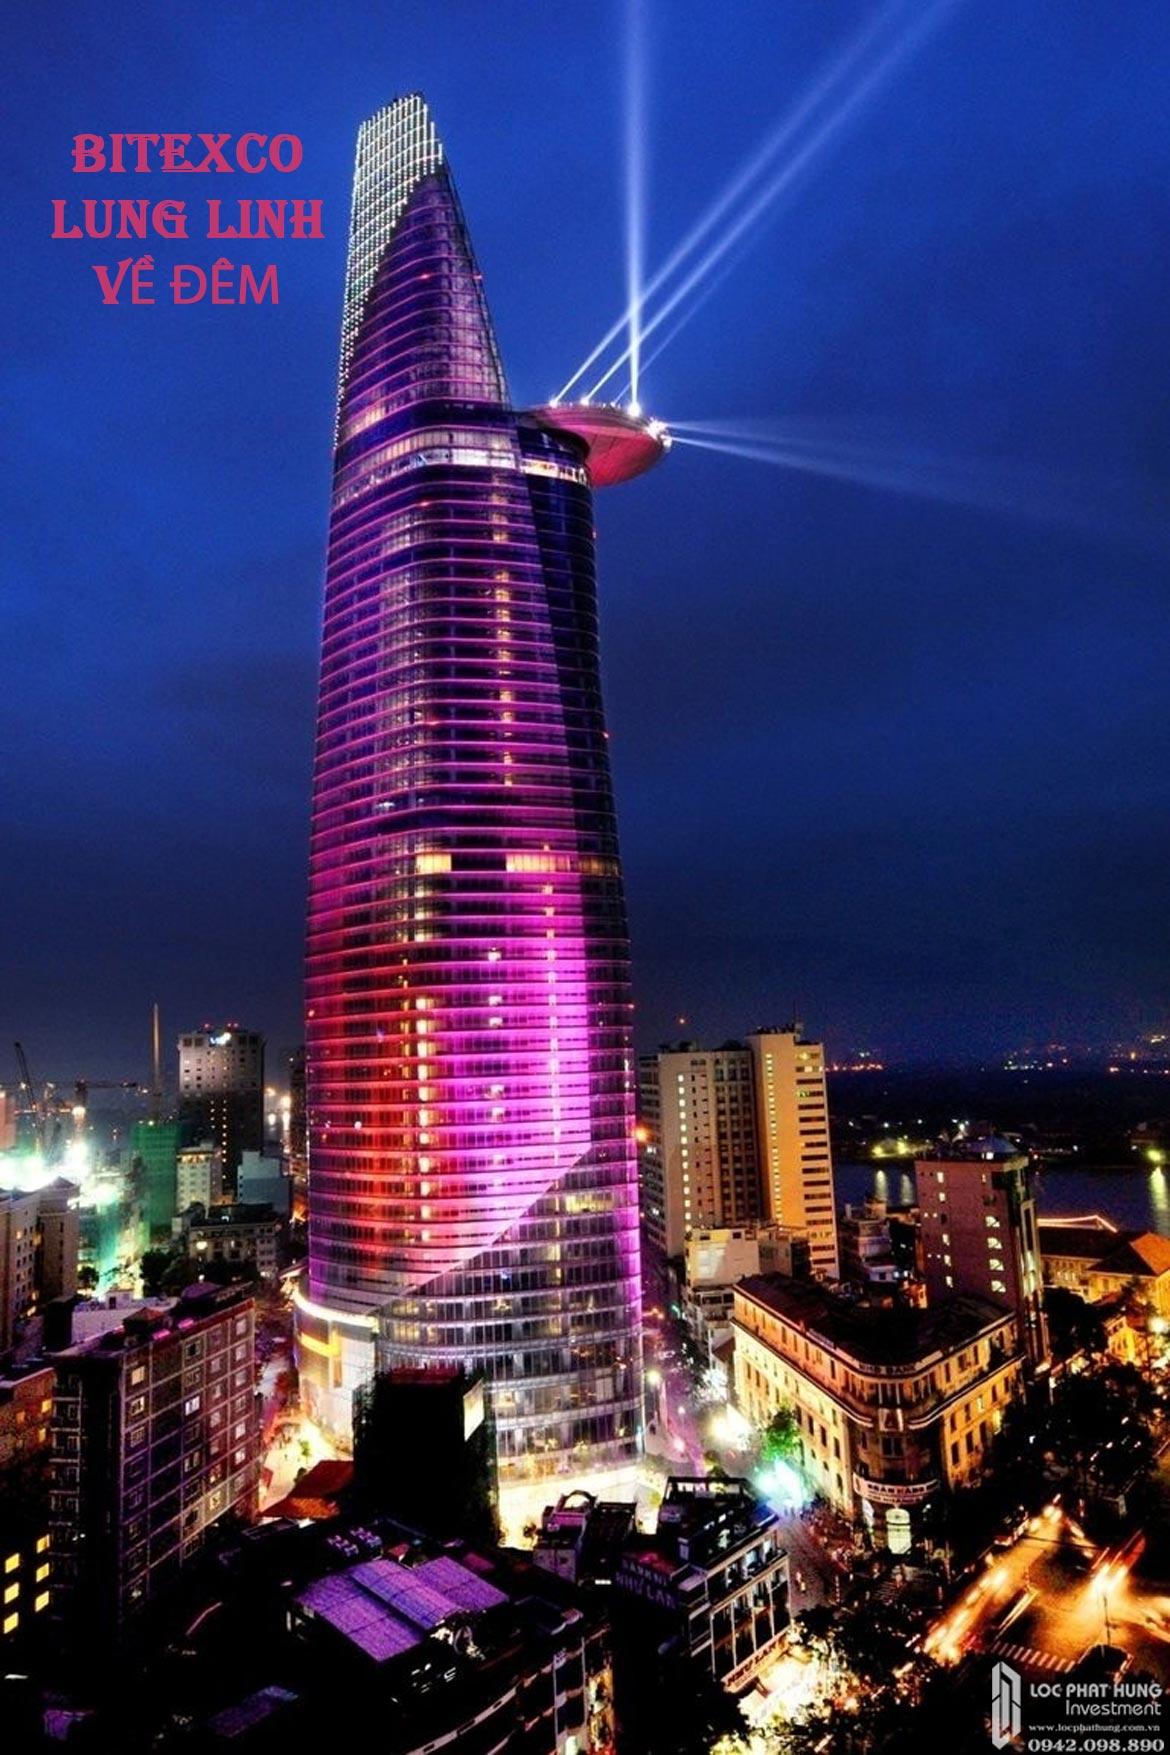 bitexco-financial-tower-gan-du-an-the-marq